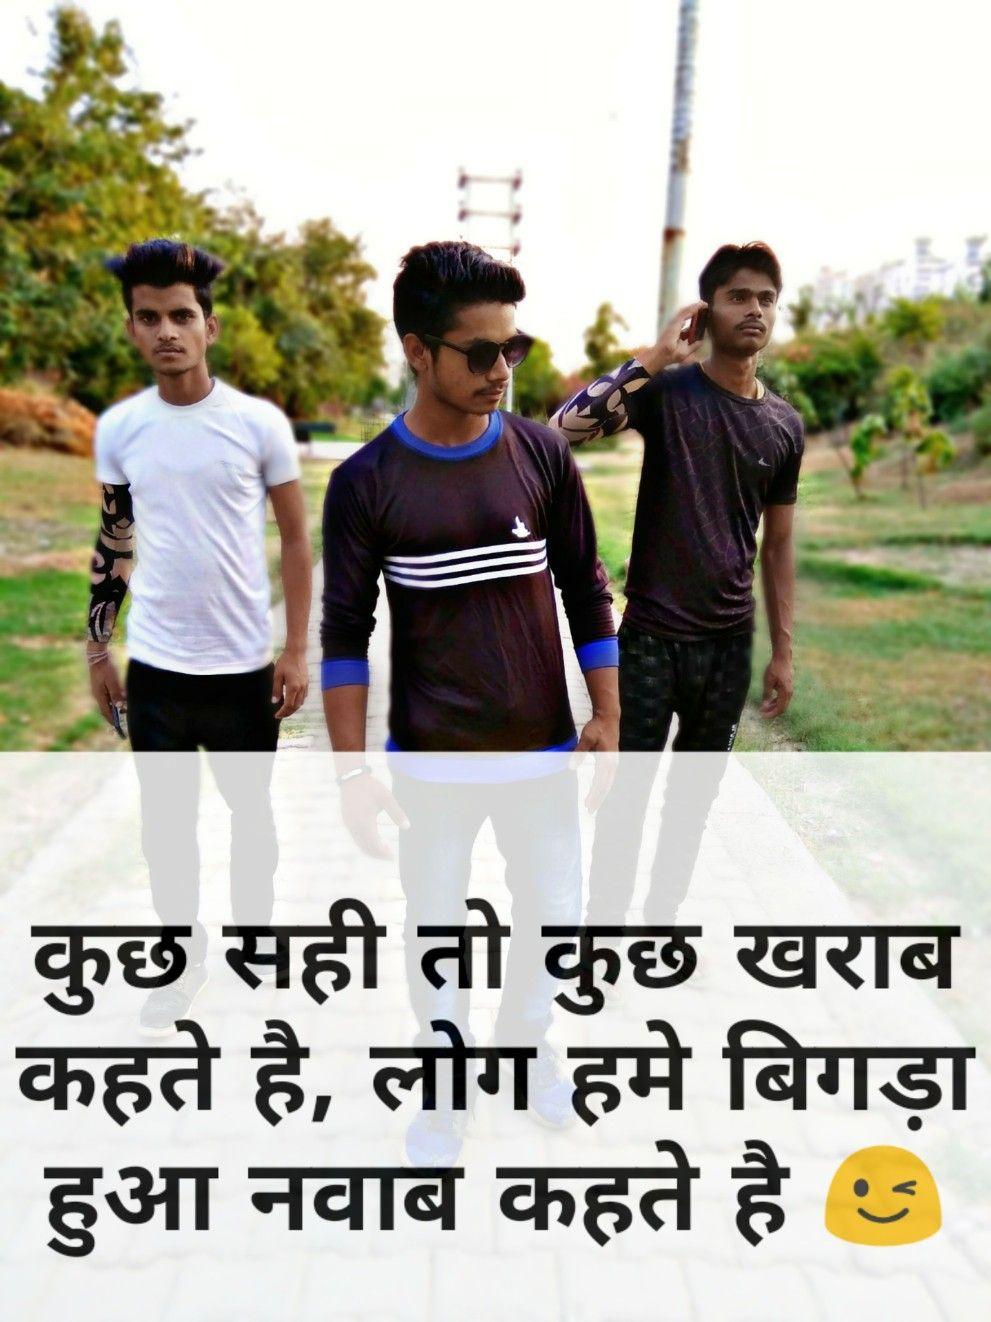 Attitude Shayari Attitude shayari, Mens sunglasses, Attitude